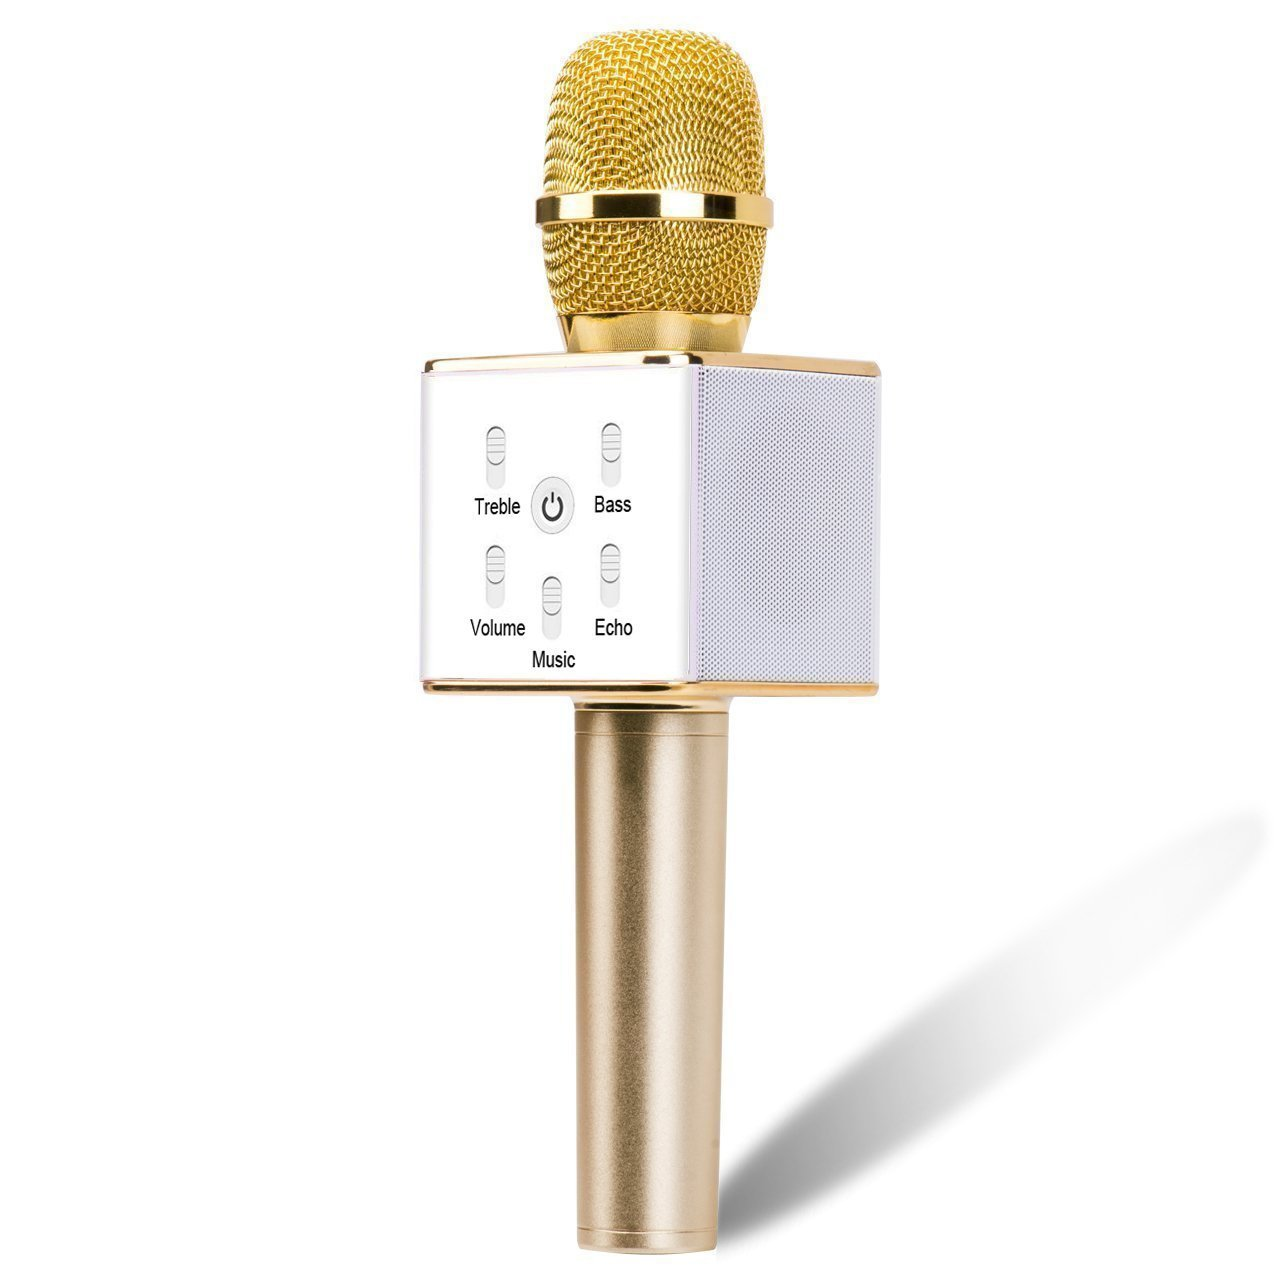 Portable Wireless Karaoke Microphone,Built-in Bluetooth Speaker K9 by MYFUN CORP